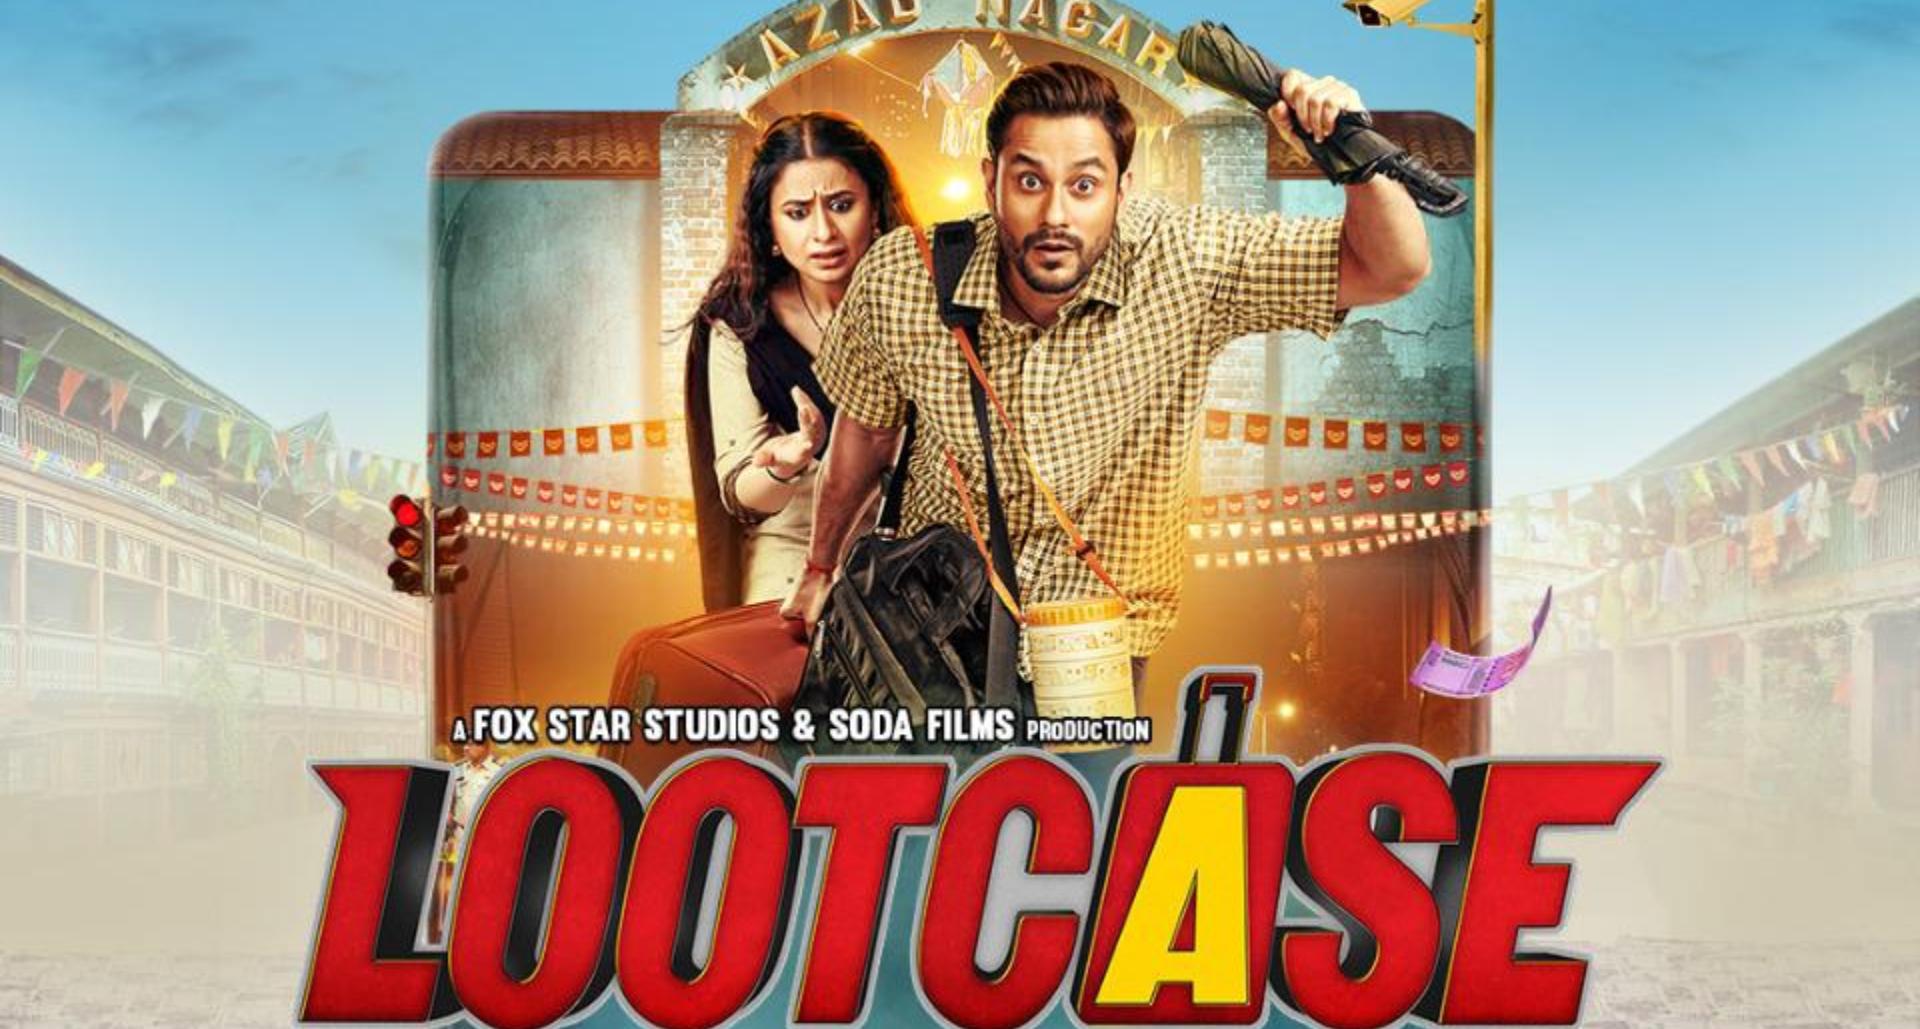 कुणाल खेमू और रसिका दुग्गल की कॉमेडी-ड्रामा फ़िल्म 'लूटकेस' इस दिन होगी रिलीज़!